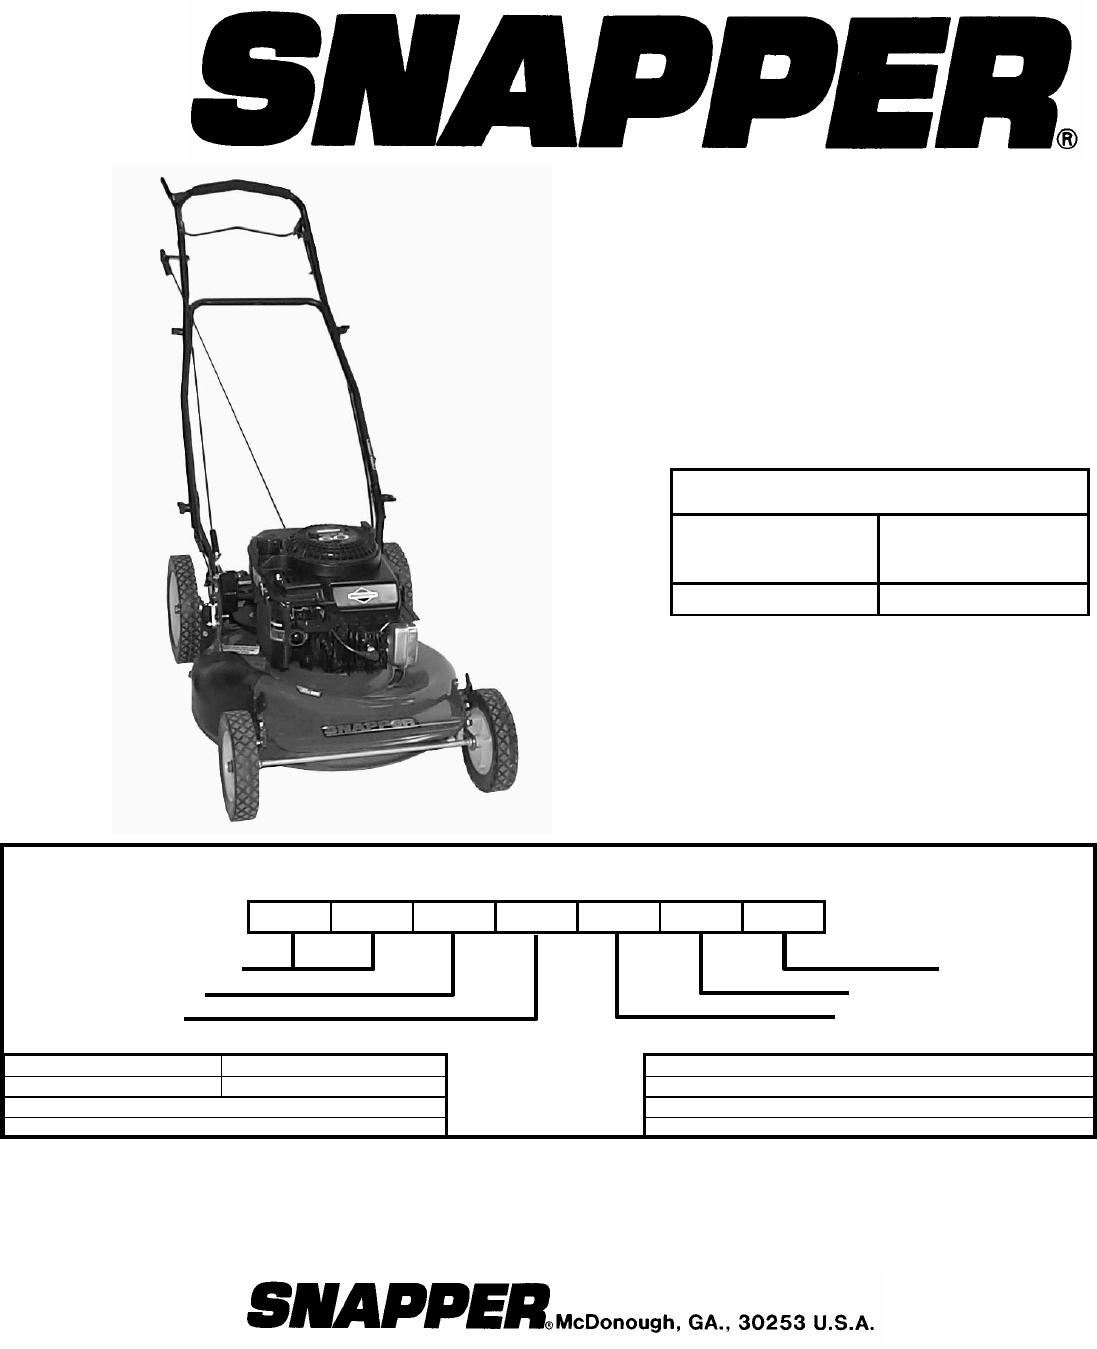 hight resolution of snapper lawn mower belt diagram des photos des photos de fond fond d snapper lawn mower belt diagram des photos des photos de fond fond d